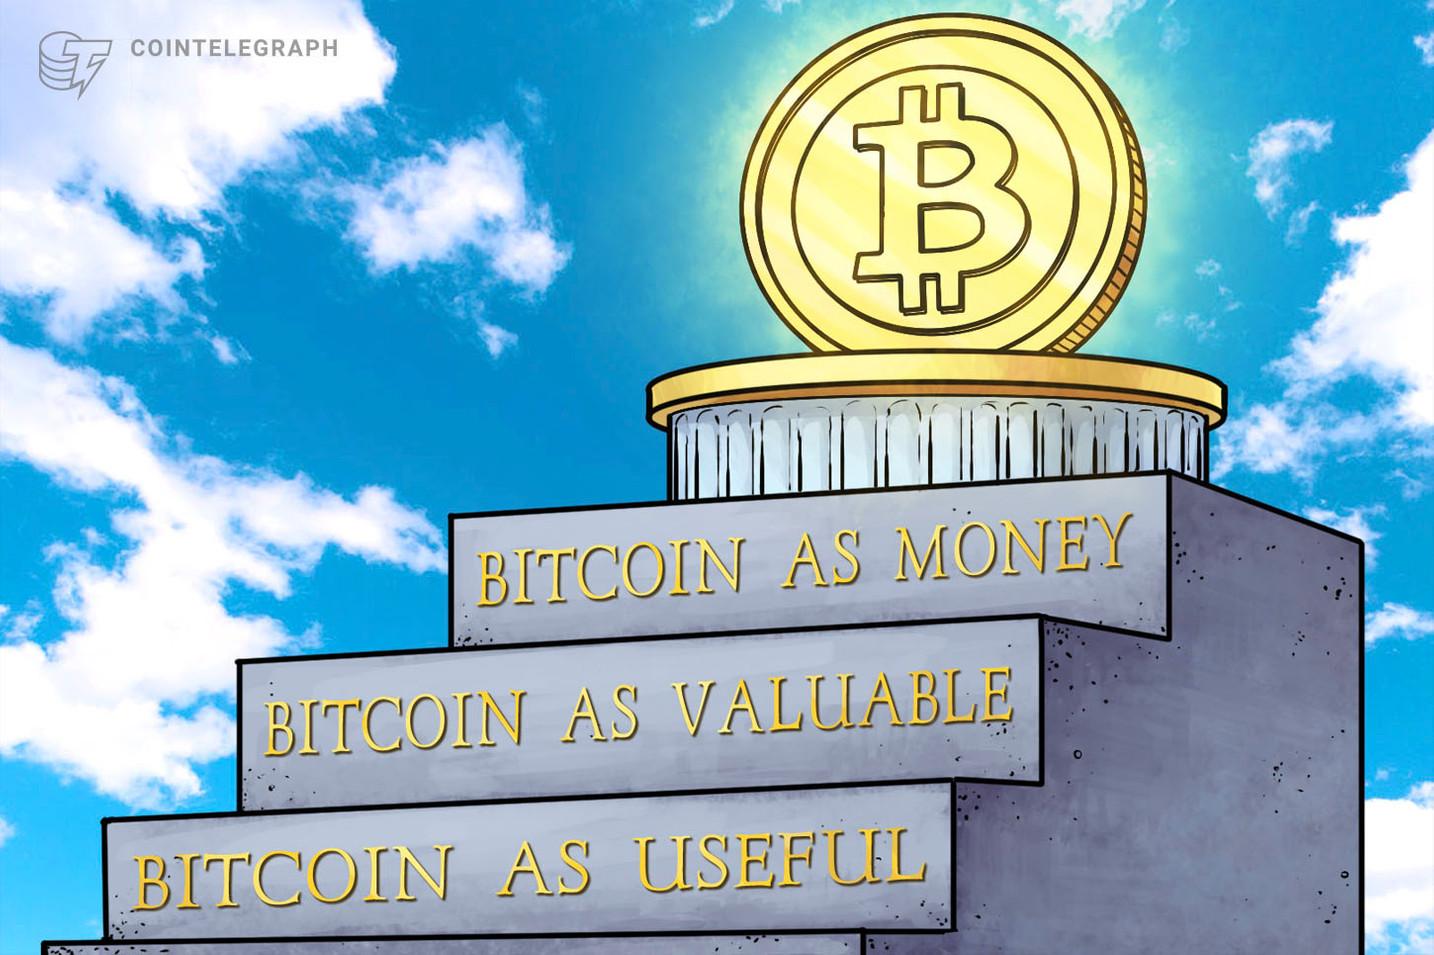 """حصري: """"لا يوجد شيء فوق بيتكوين، ليست العملات الرقمية الصادرة عن البنك الركزي ولا العملات المستقرة"""" وفقًا لآدم باك"""